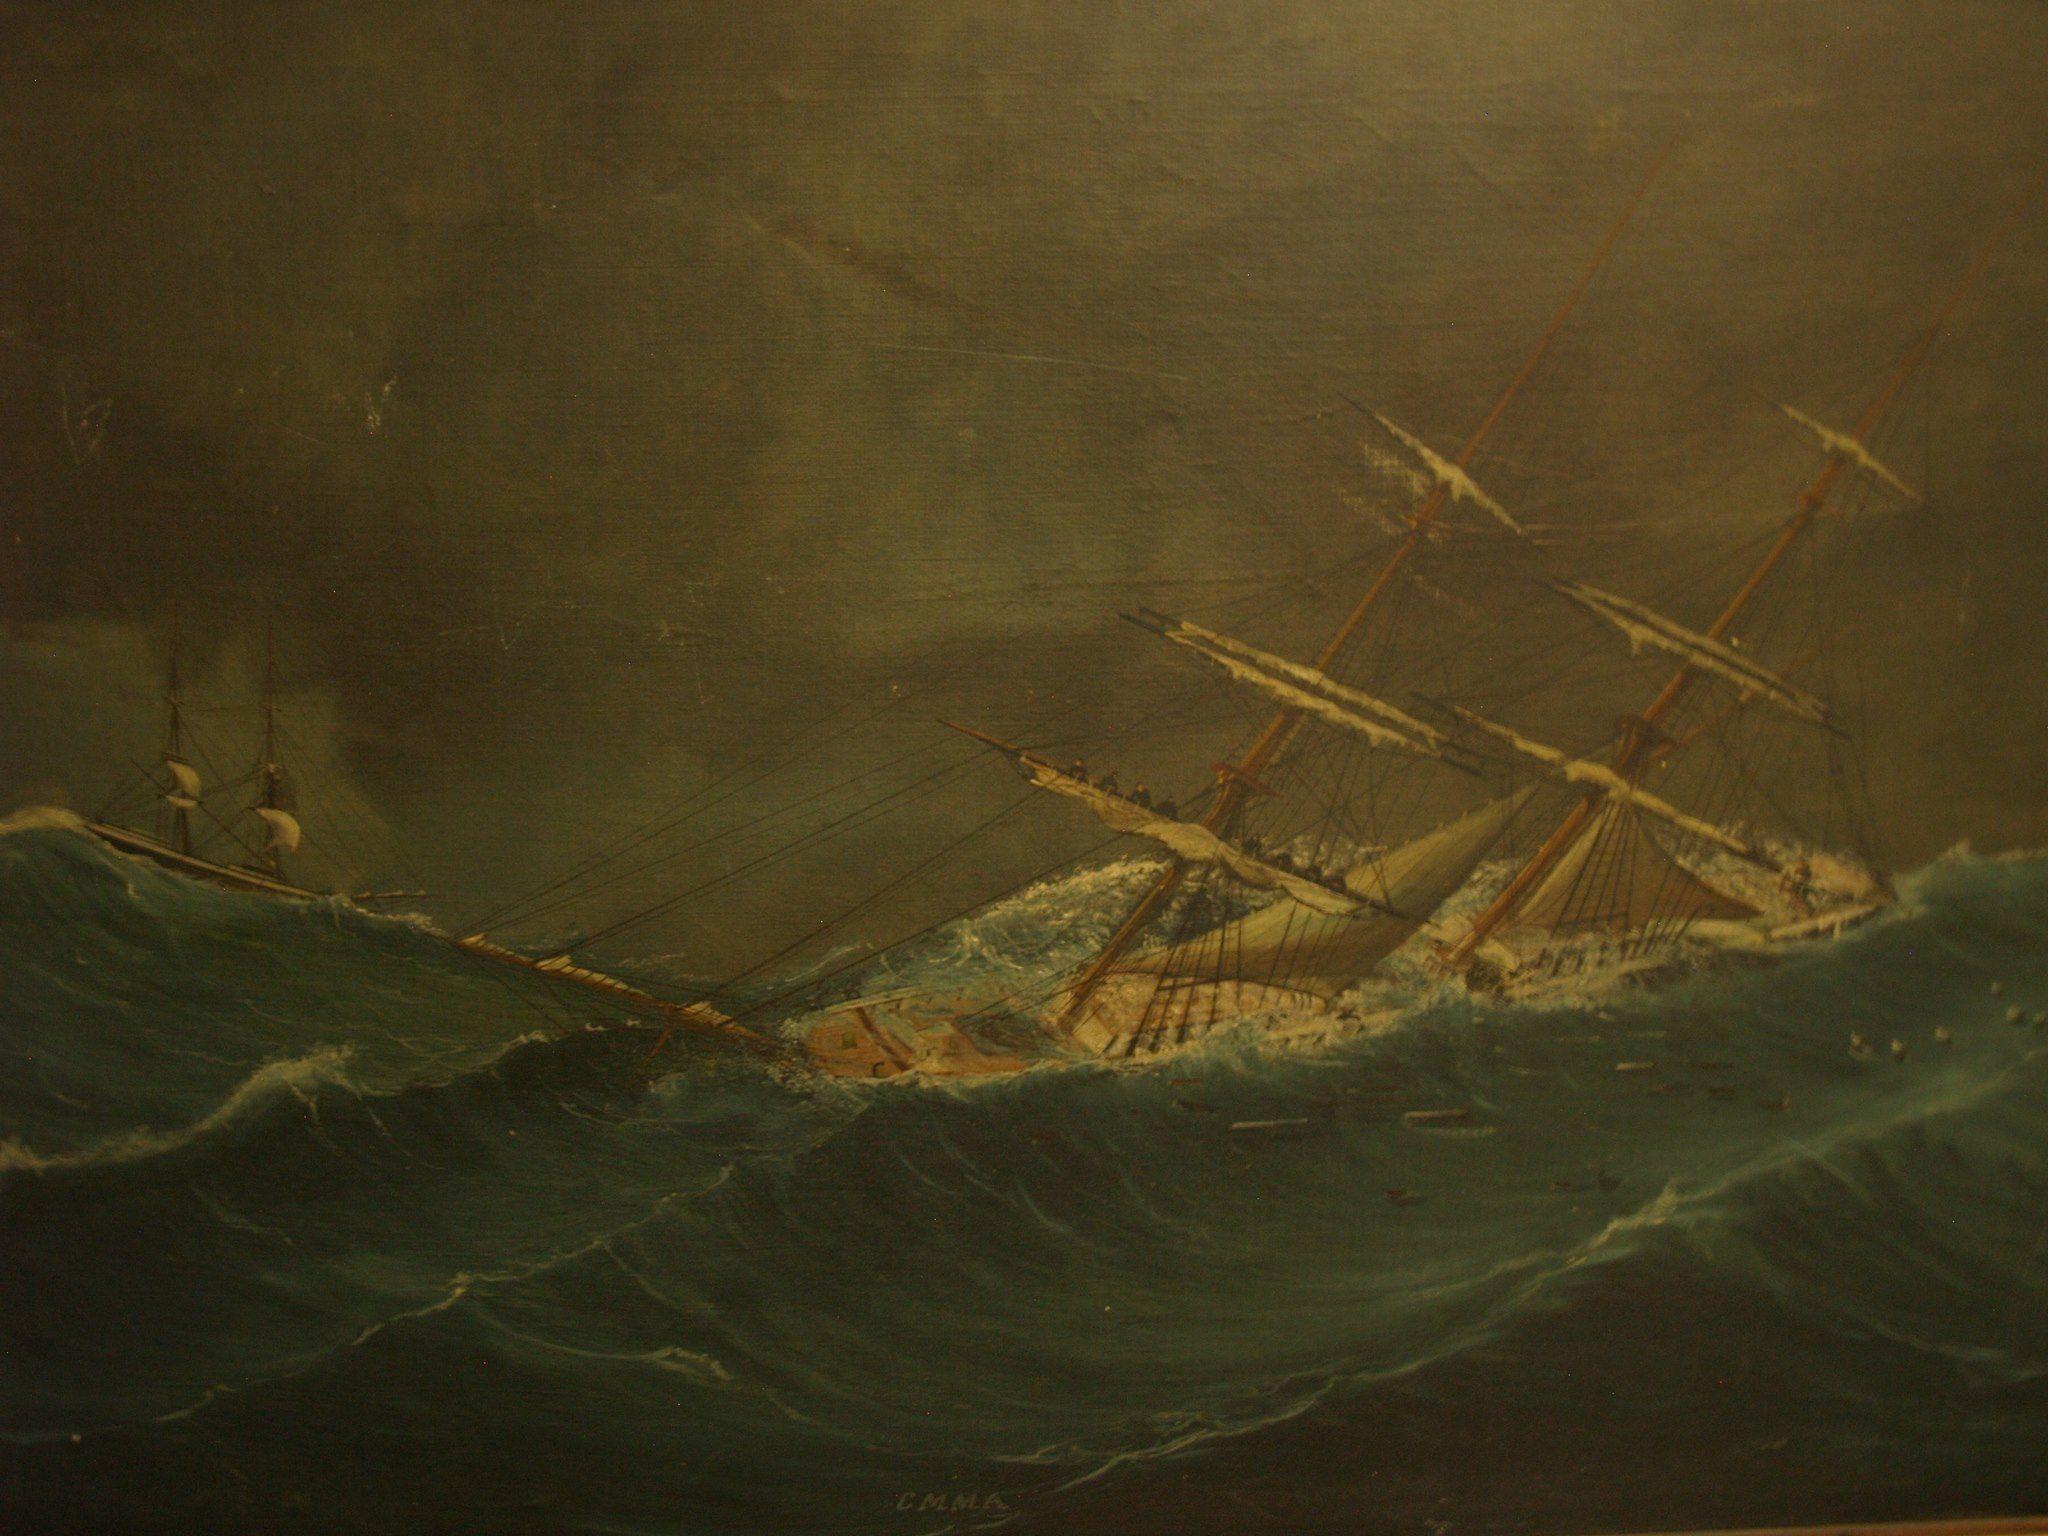 Briggen Emma ute i hardt vær. Endel av mannskapet sees arbeide i riggen med å berge seilene.